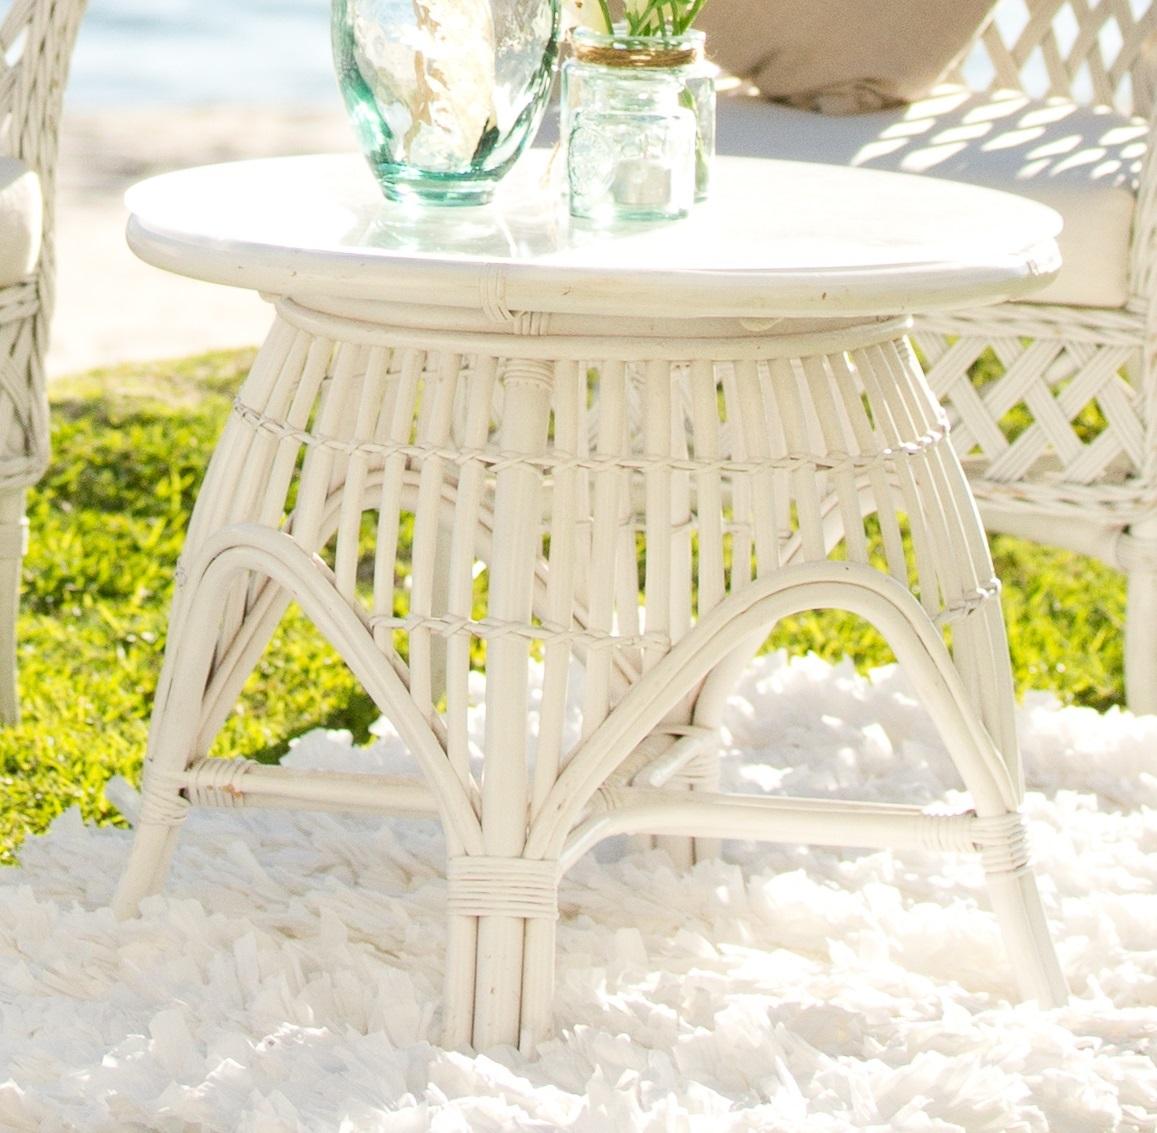 Coastal side table - Splash Events, Noosa & Sunshine Coast